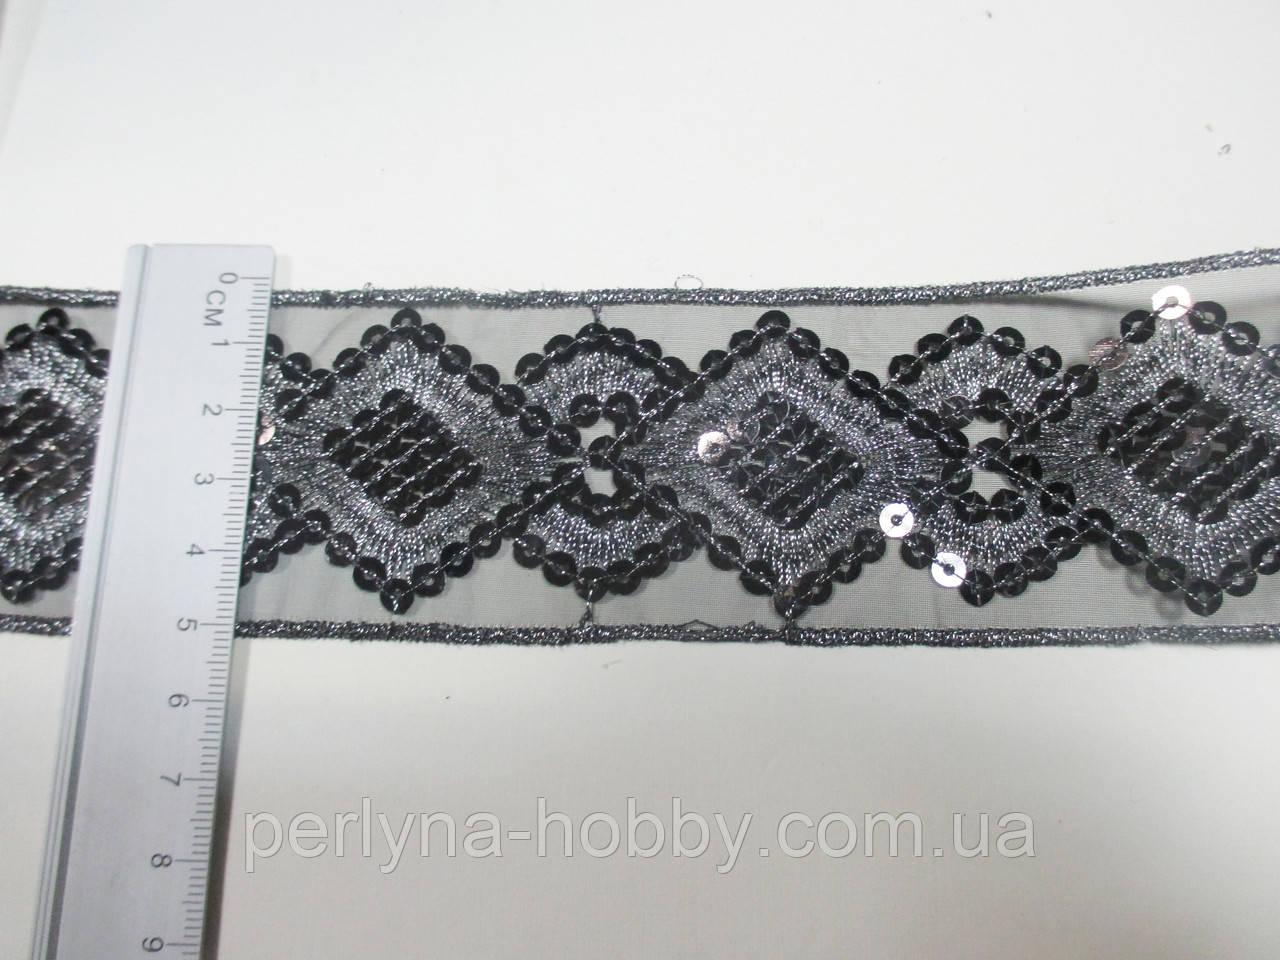 Тасьма з паєтками вишита чорна зі сріблом 5 см